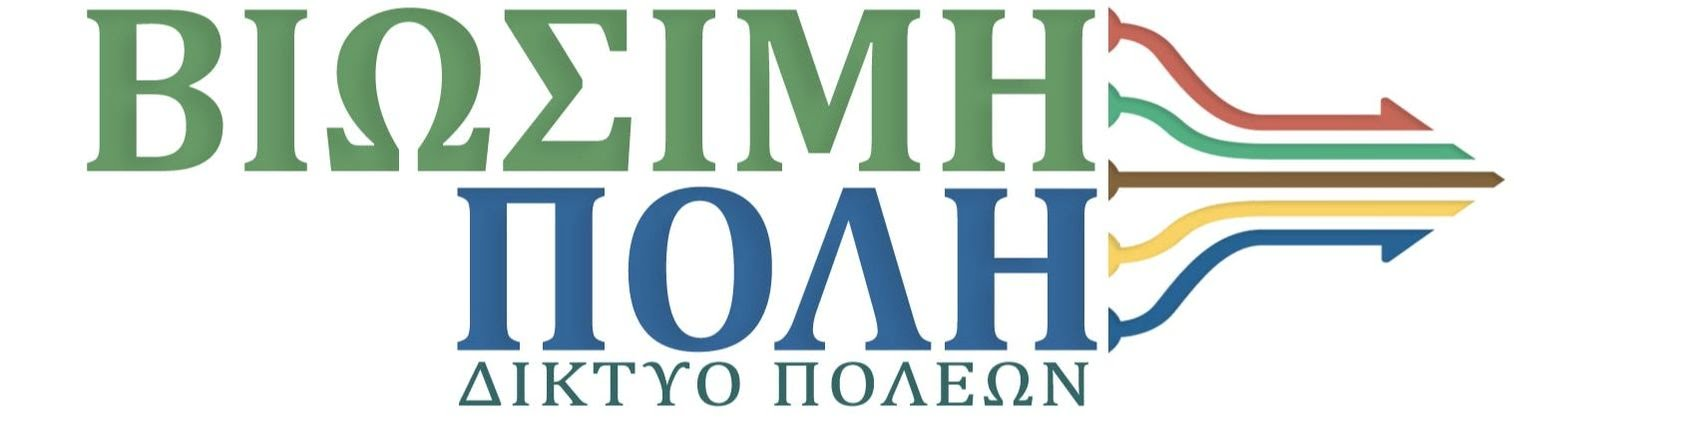 Ο Δήμος Ανατολικής Σάμου μεταξύ των 6 Δήμων που συμμετέχουν στην εναρκτήρια συνάντηση του Ευρωπαϊκού Έργου «Living Streets and Citizen Engagement in local energy and climate projects»